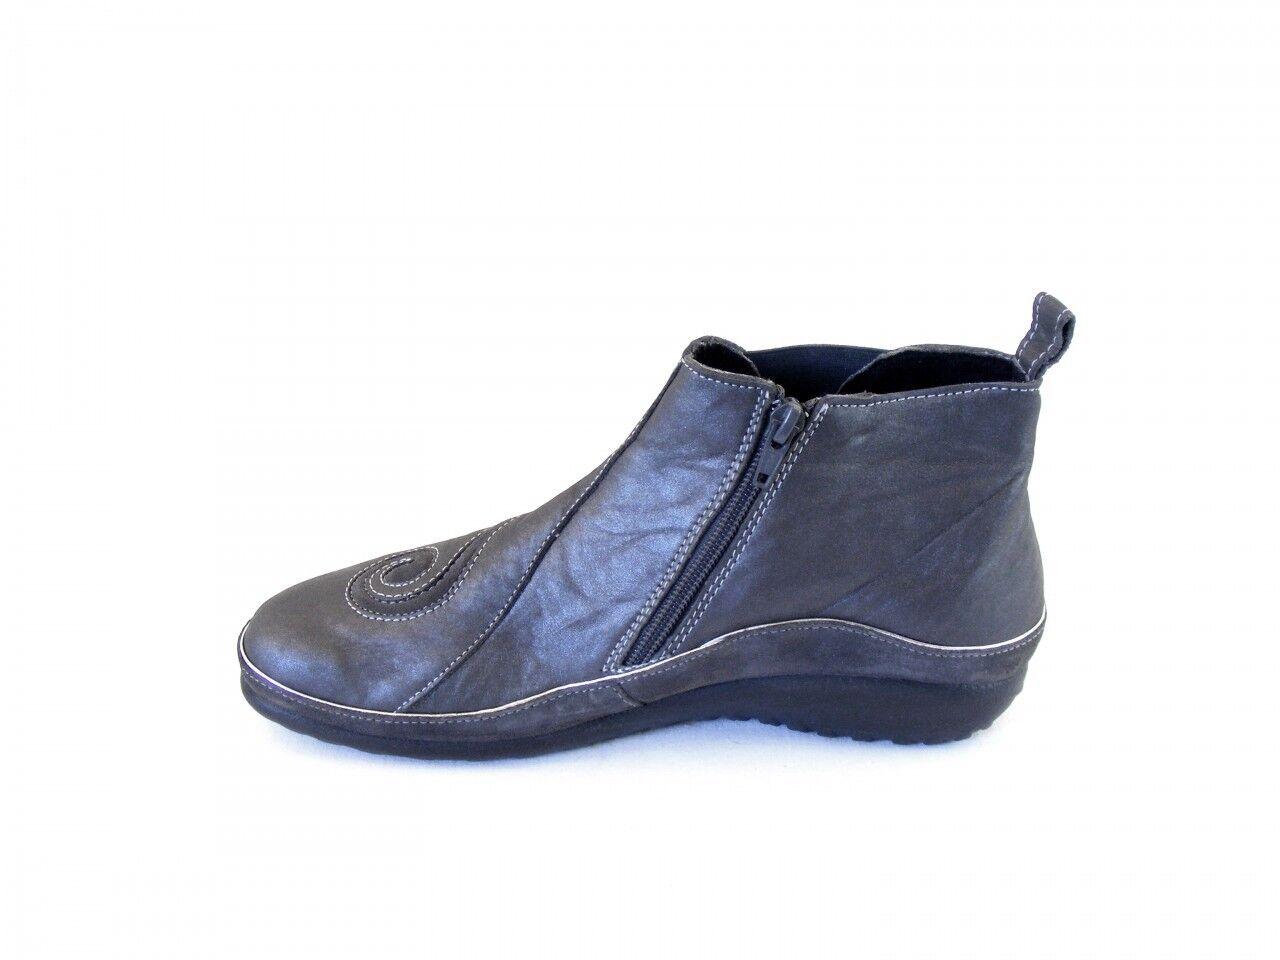 Naot Damen grau Schuhe Stiefeletten Chi Echt-Leder grau Damen 8956 Wechselfußbett Echtleder 7a96a9